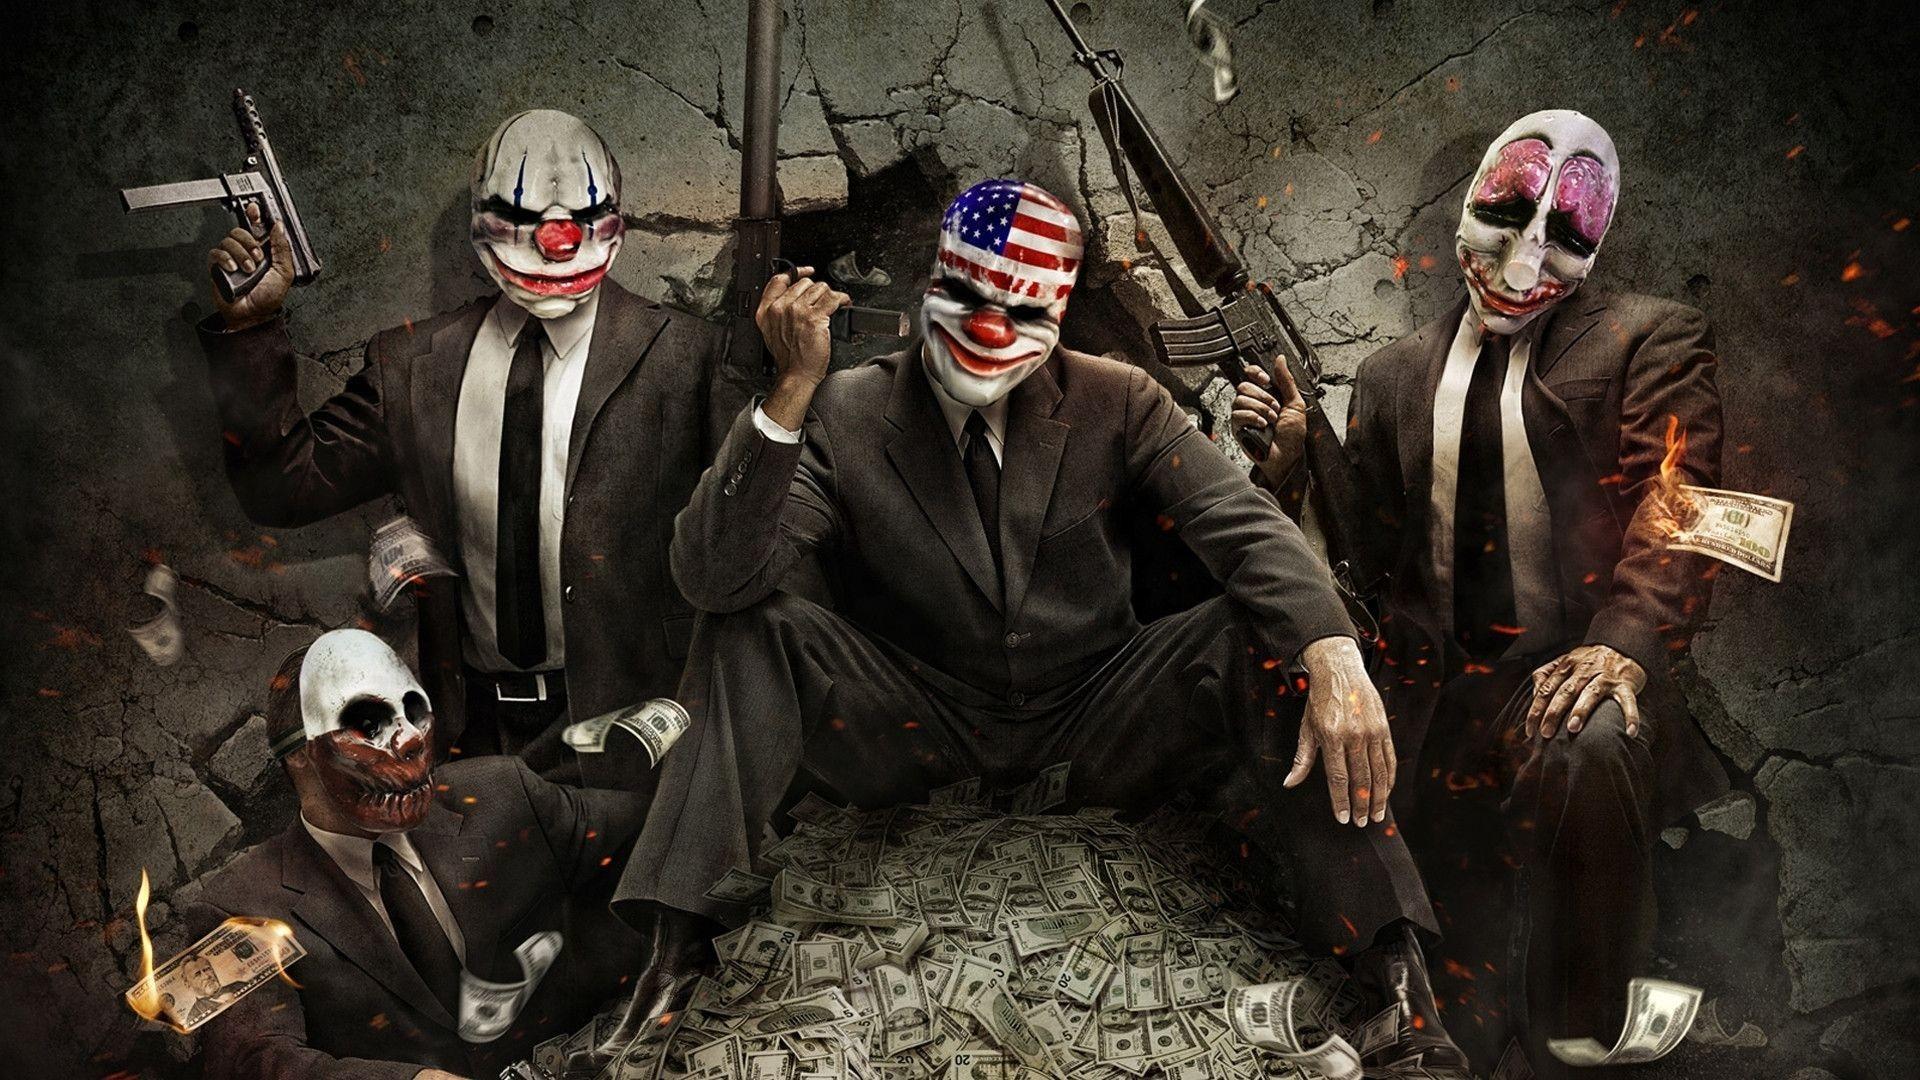 Killer Clown Wallpaper Free Download | HD Wallpapers | Pinterest | Evil  clowns, Wallpaper and Art google